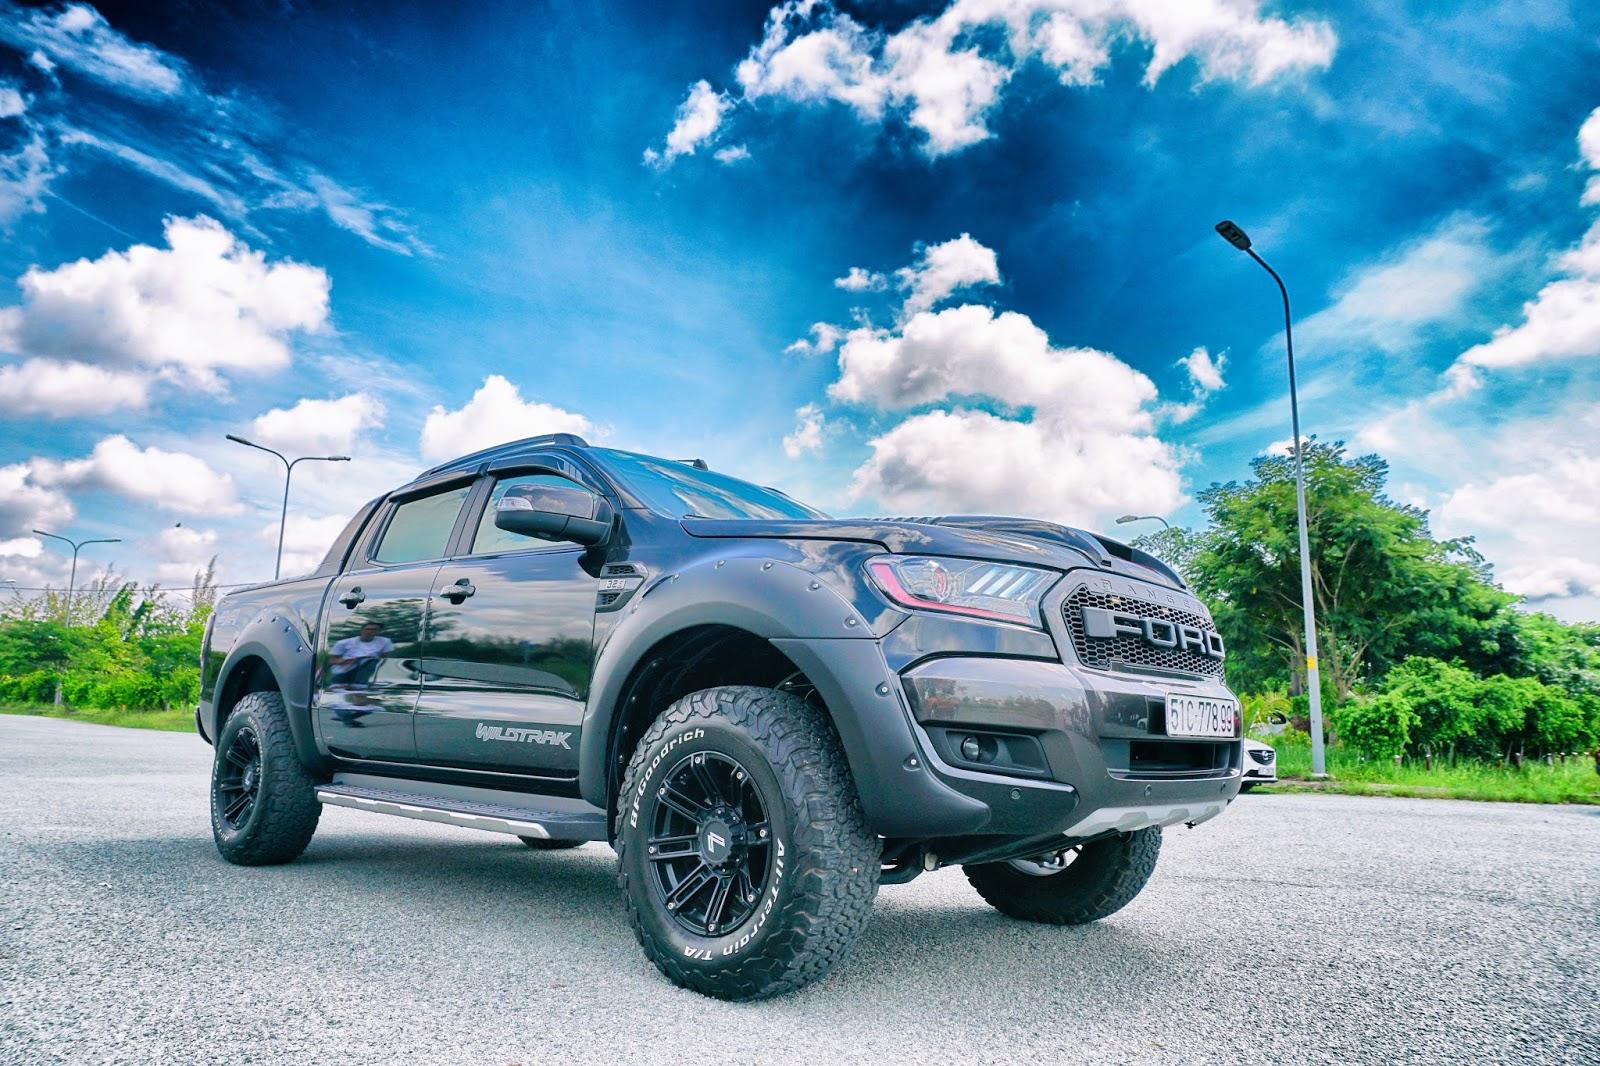 Ford Ranger Wildtrak là một trong những chiếc bán tải ăn khách và được độ nhiều nhất tại Việt Nam